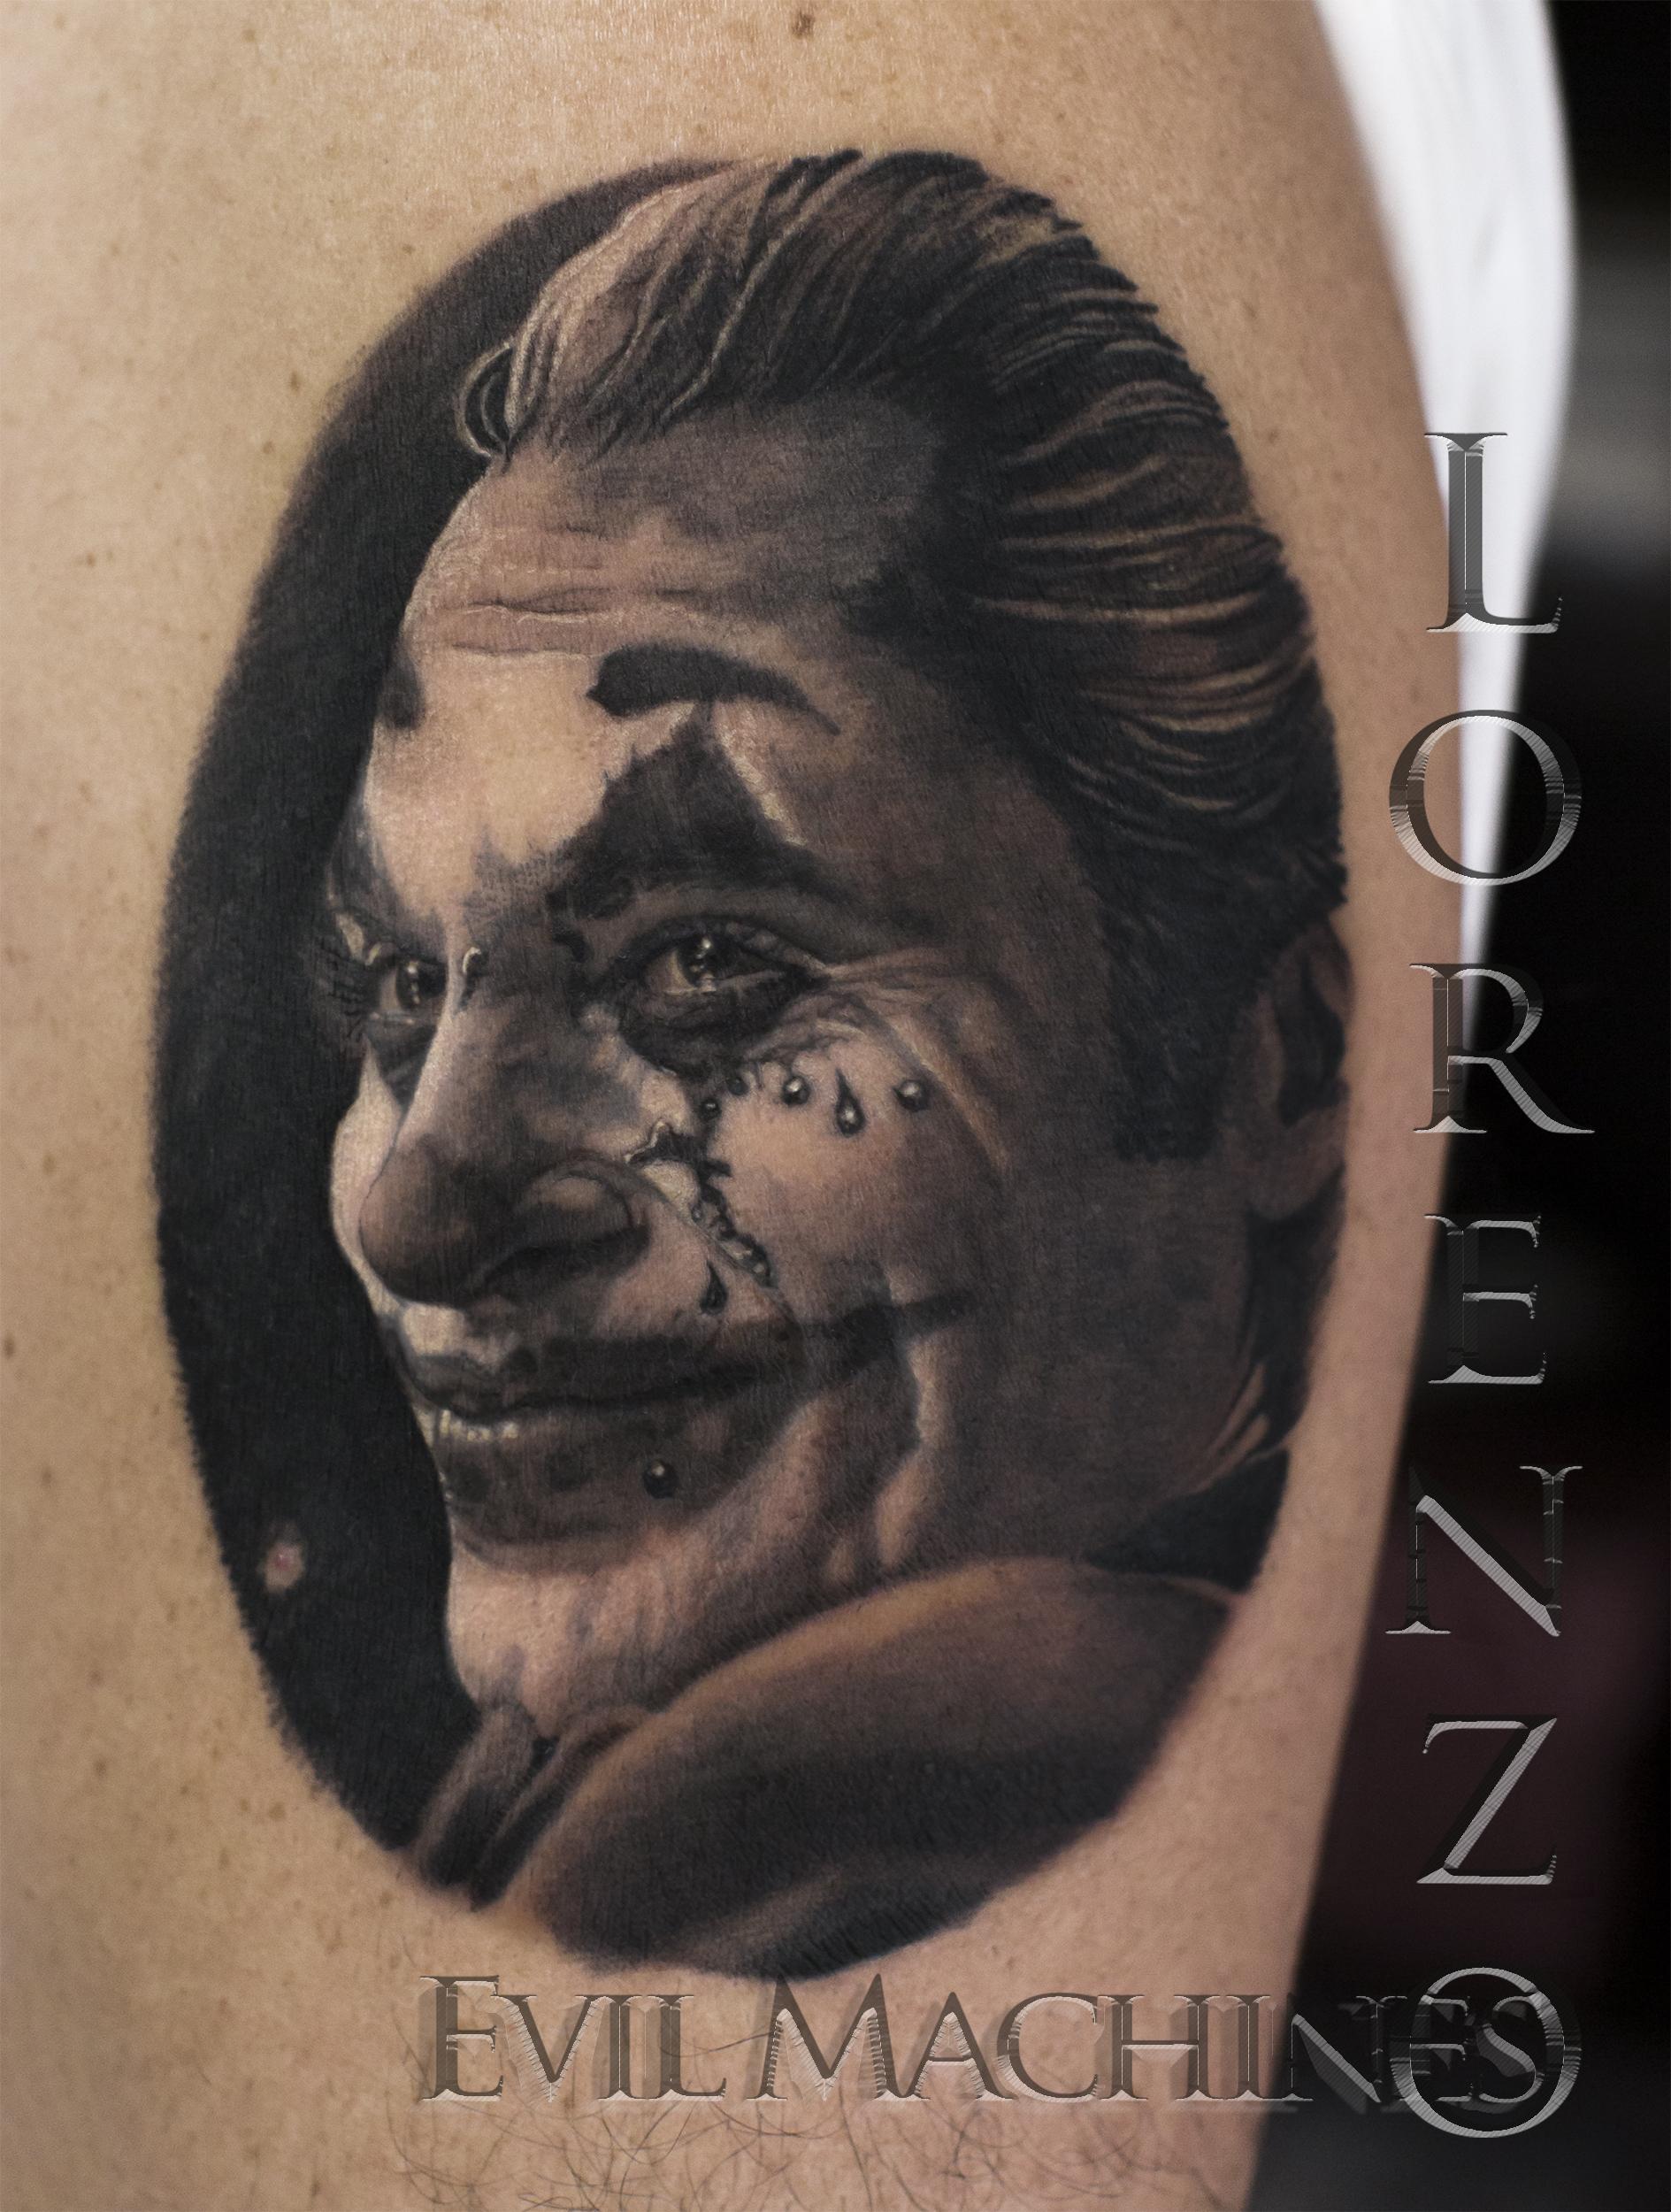 Joker_Joaquin_ Phoenix_horror_batman_Lorenzo_Evil_Machines_tatuatore_tattoo_tatuaggi_realistici_ritratti_Roma_sito_migliore